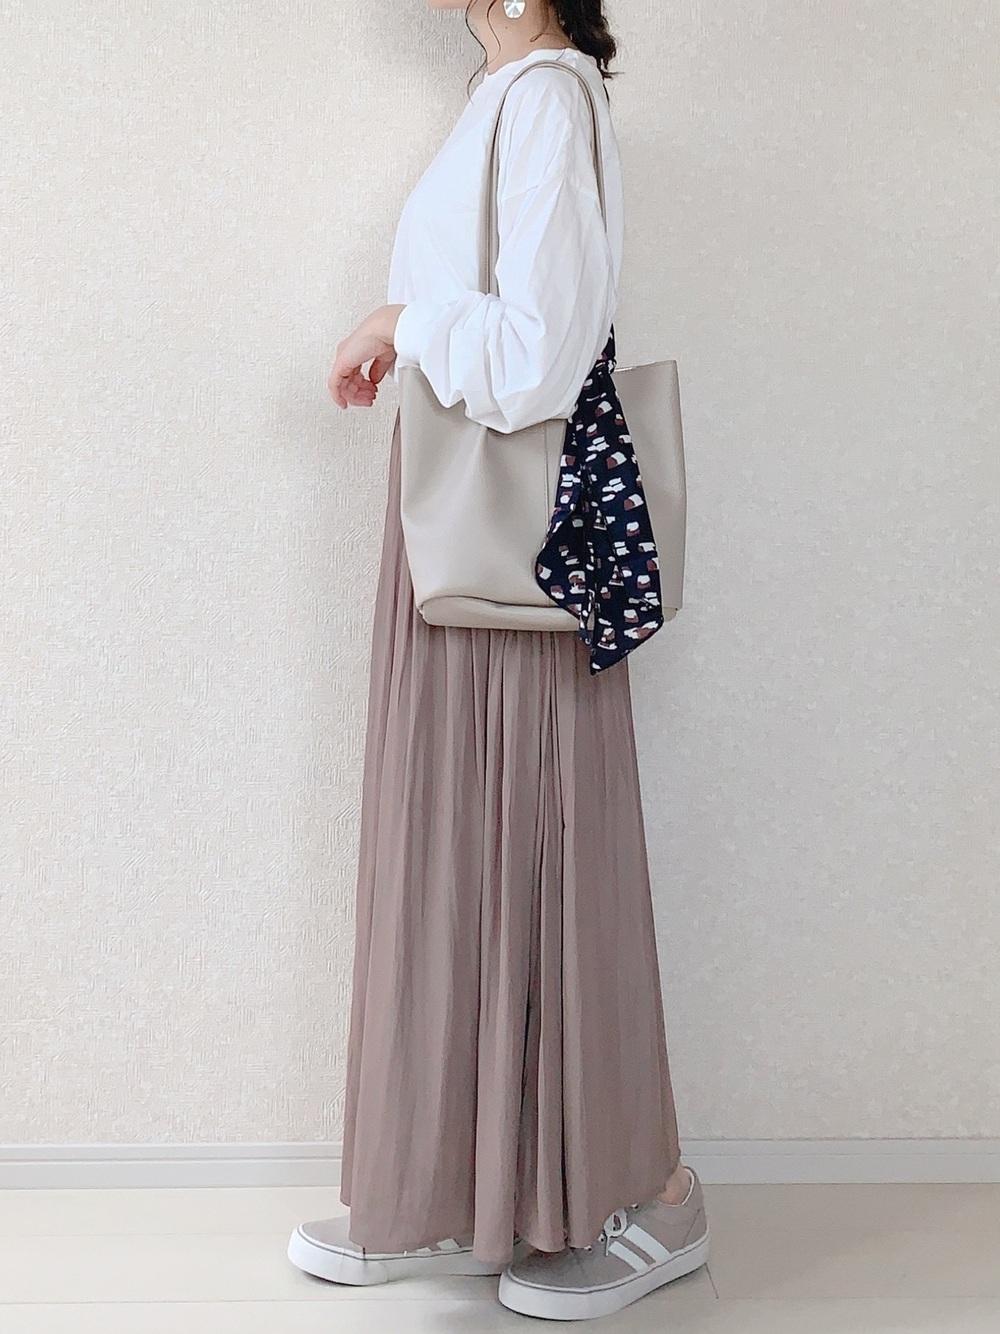 ハニーズのバッグを持つ女性